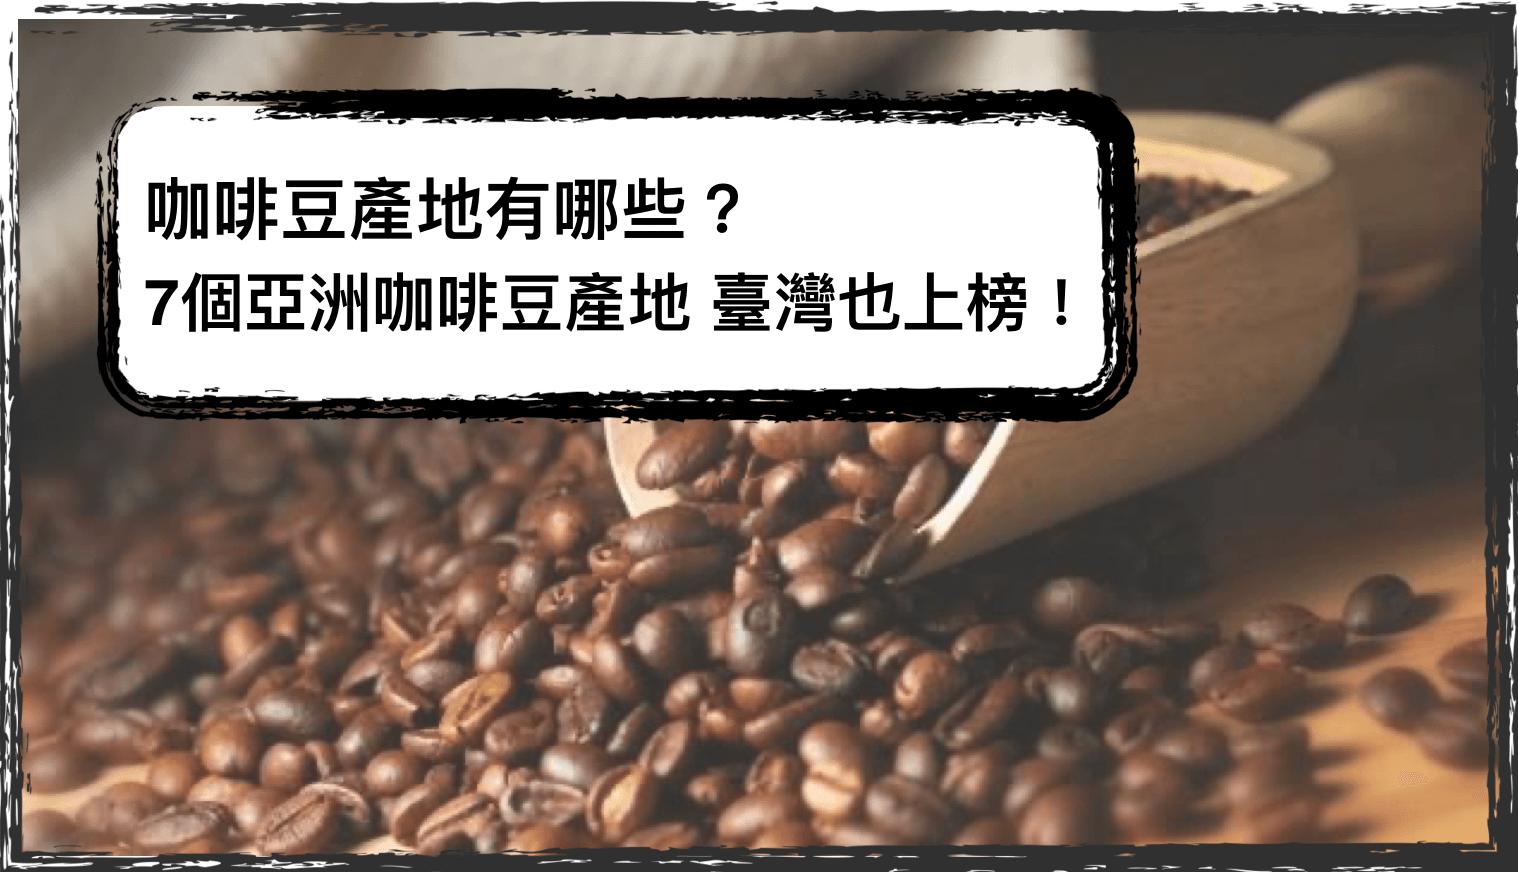 咖啡產地有哪些